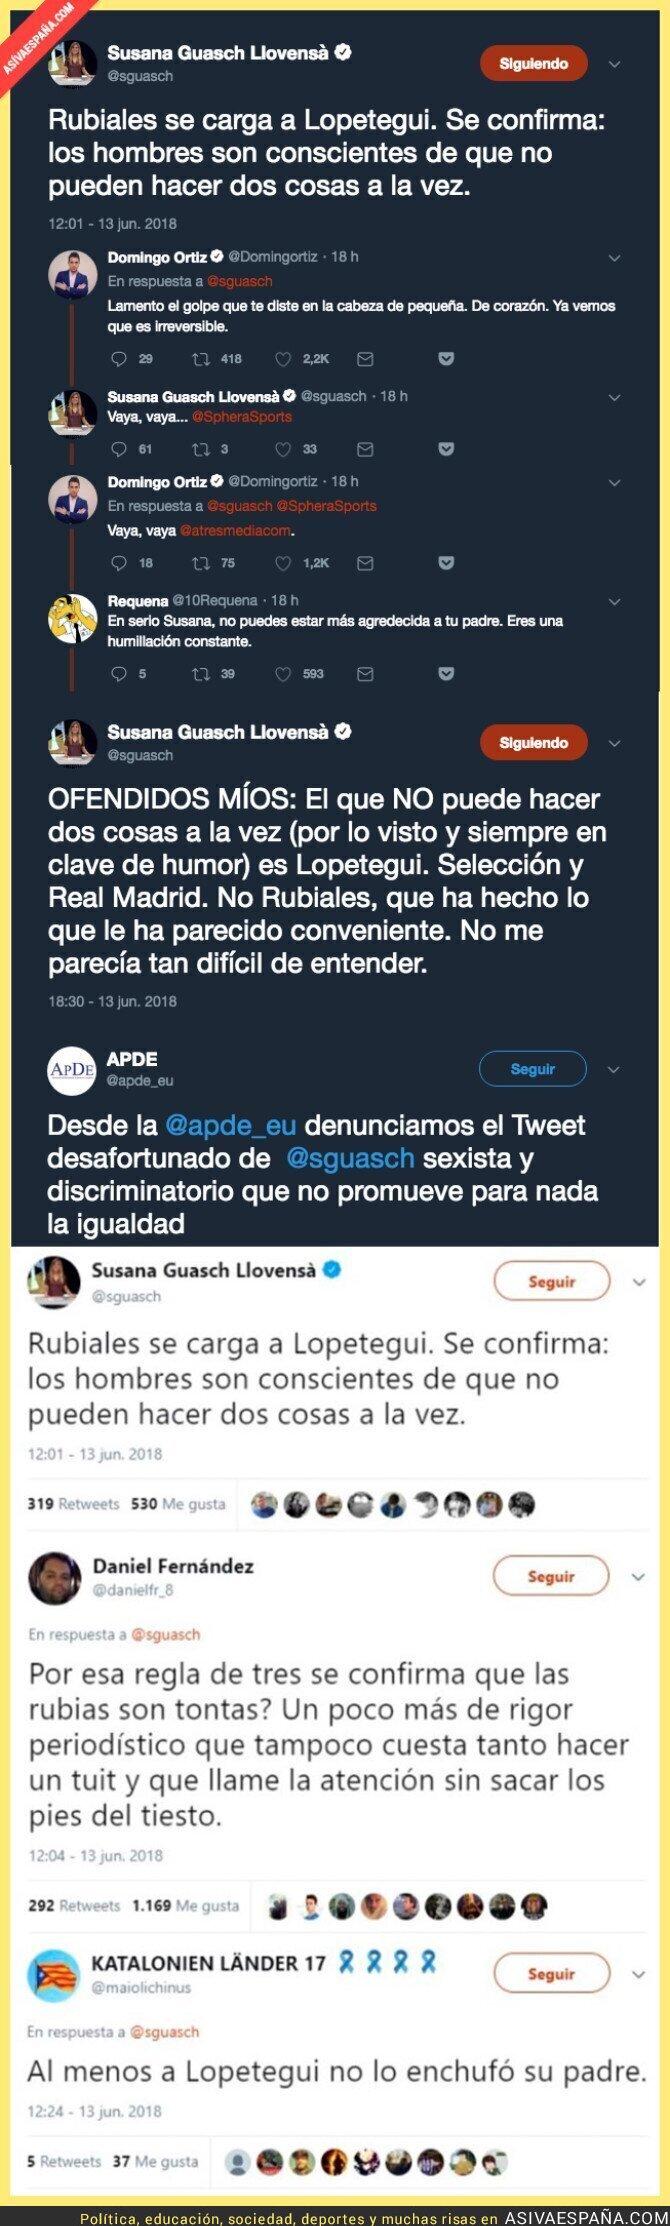 88358 - La periodista Susanna Guasch la lía parda con este tuit repugnante que todo el mundo ha condenado